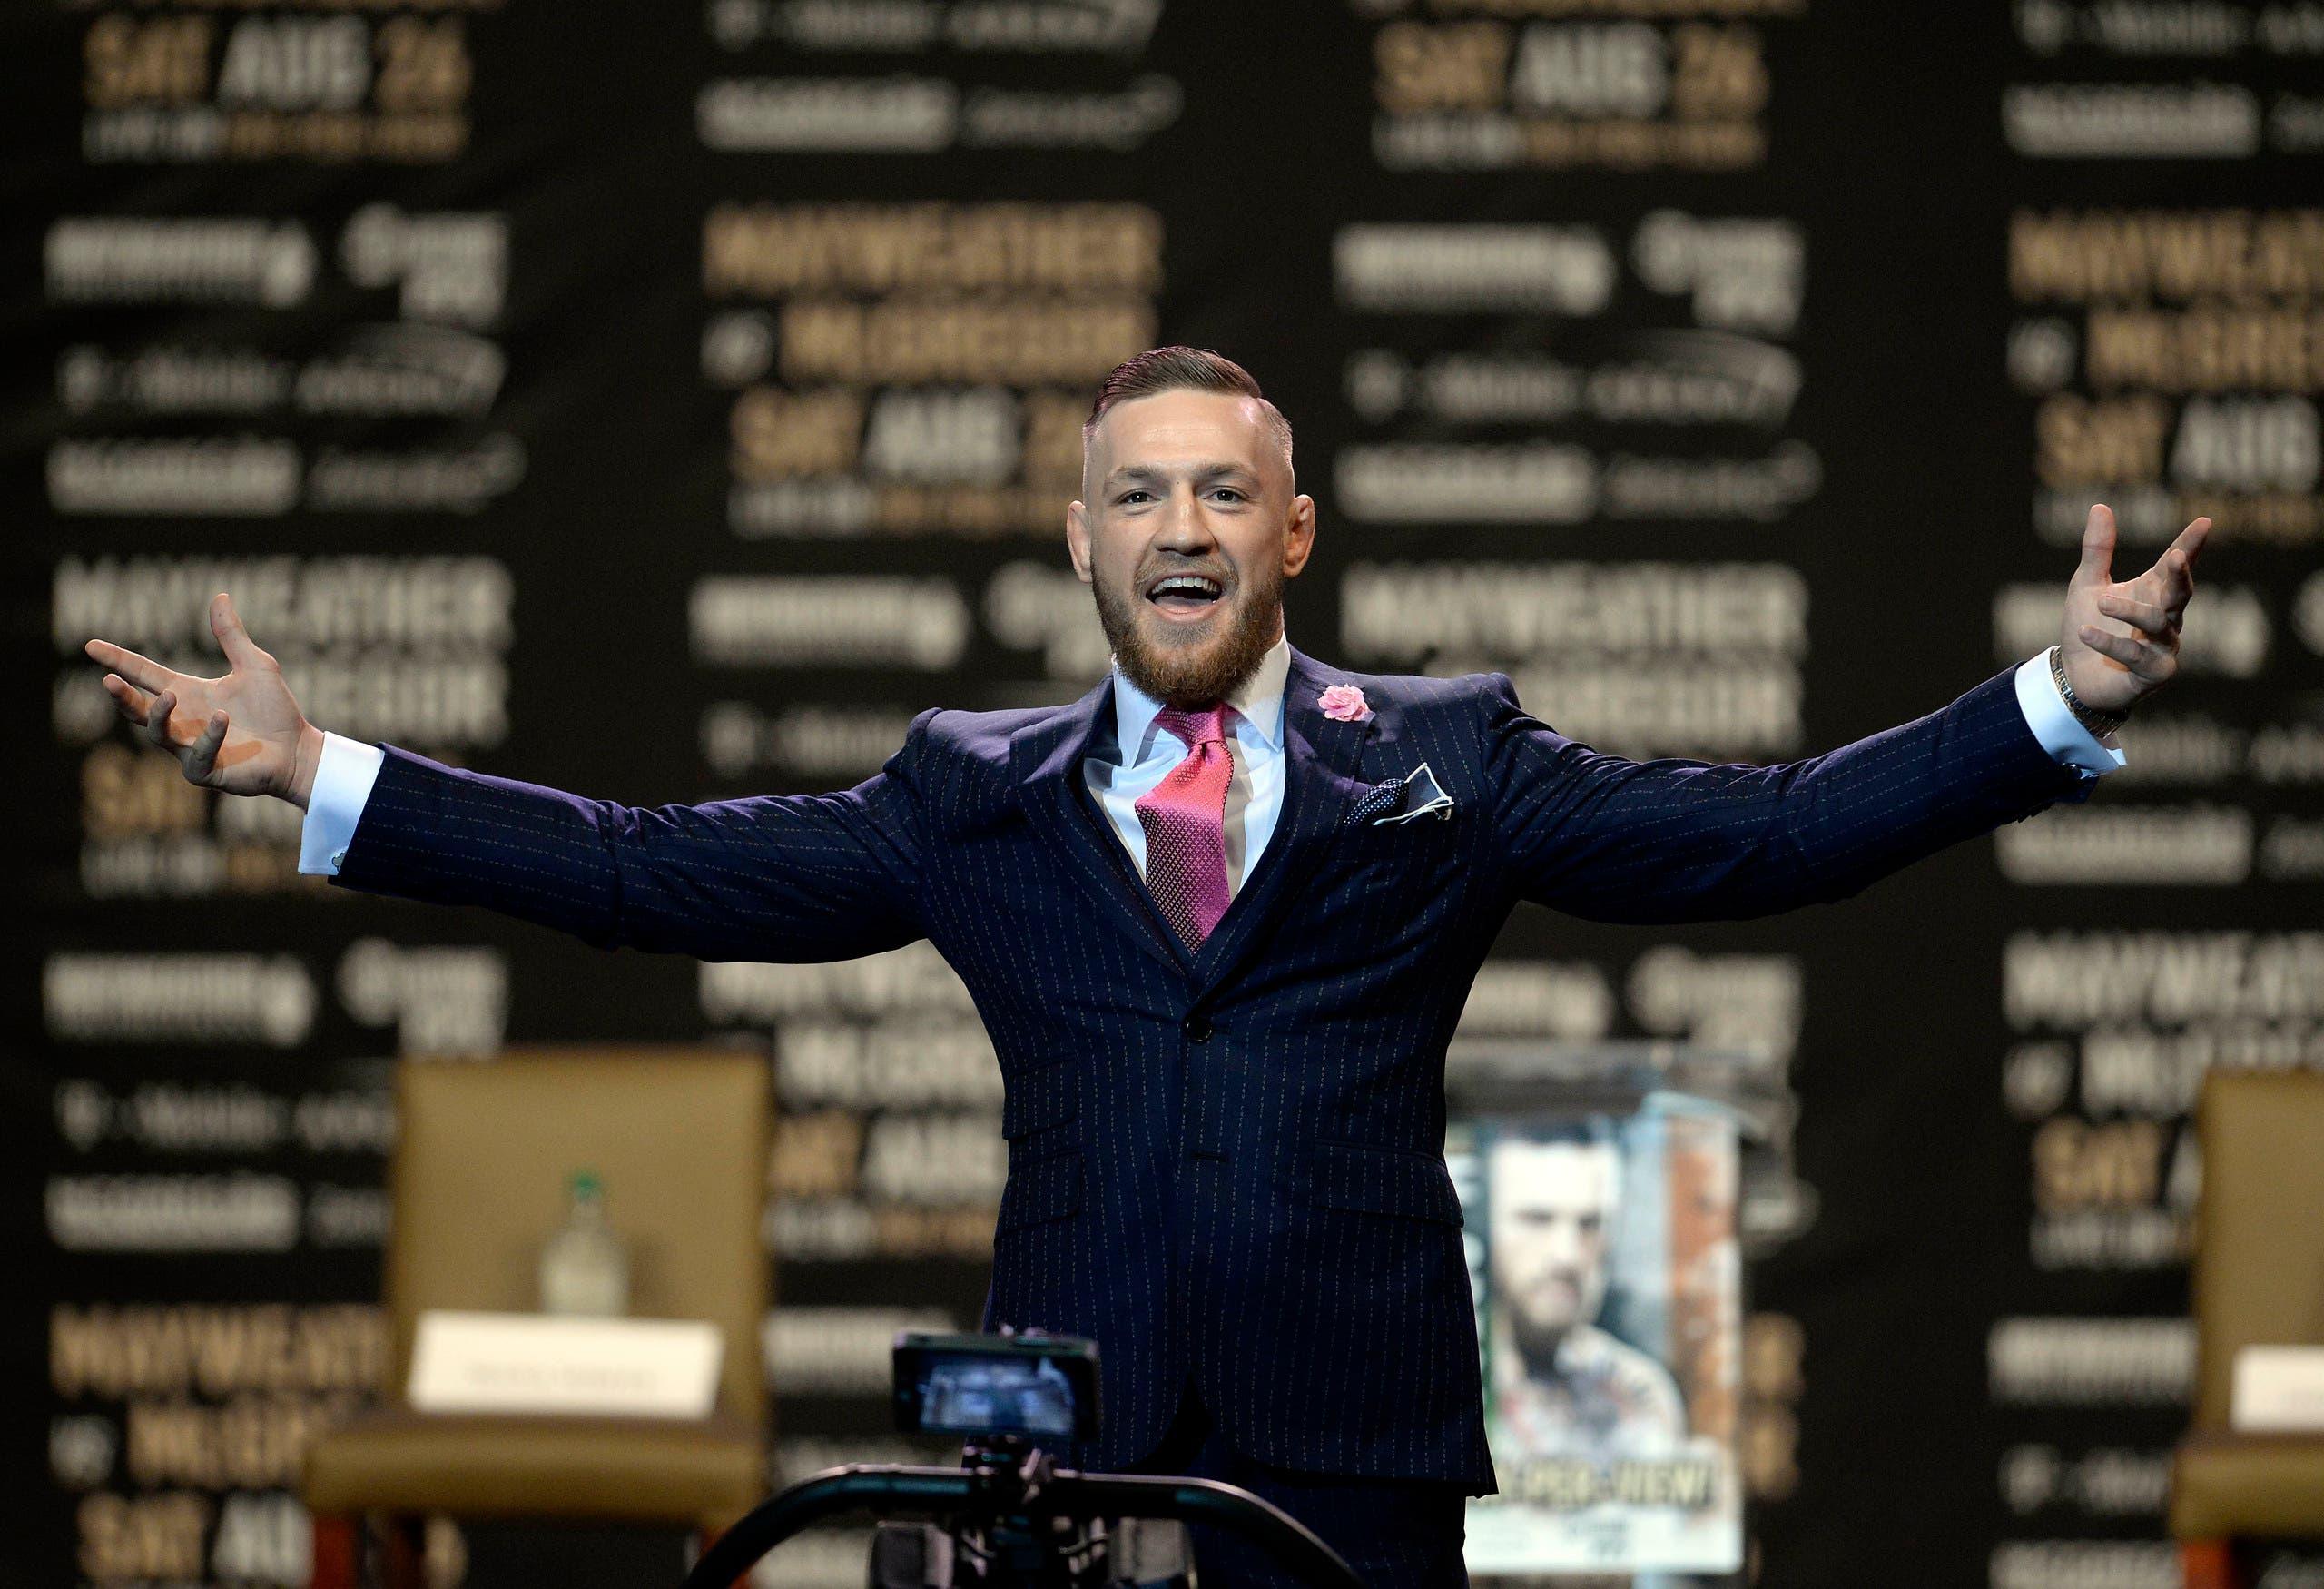 بطل فنون القتال سيظهر للمرة الأولى في حلبة الملاكمة